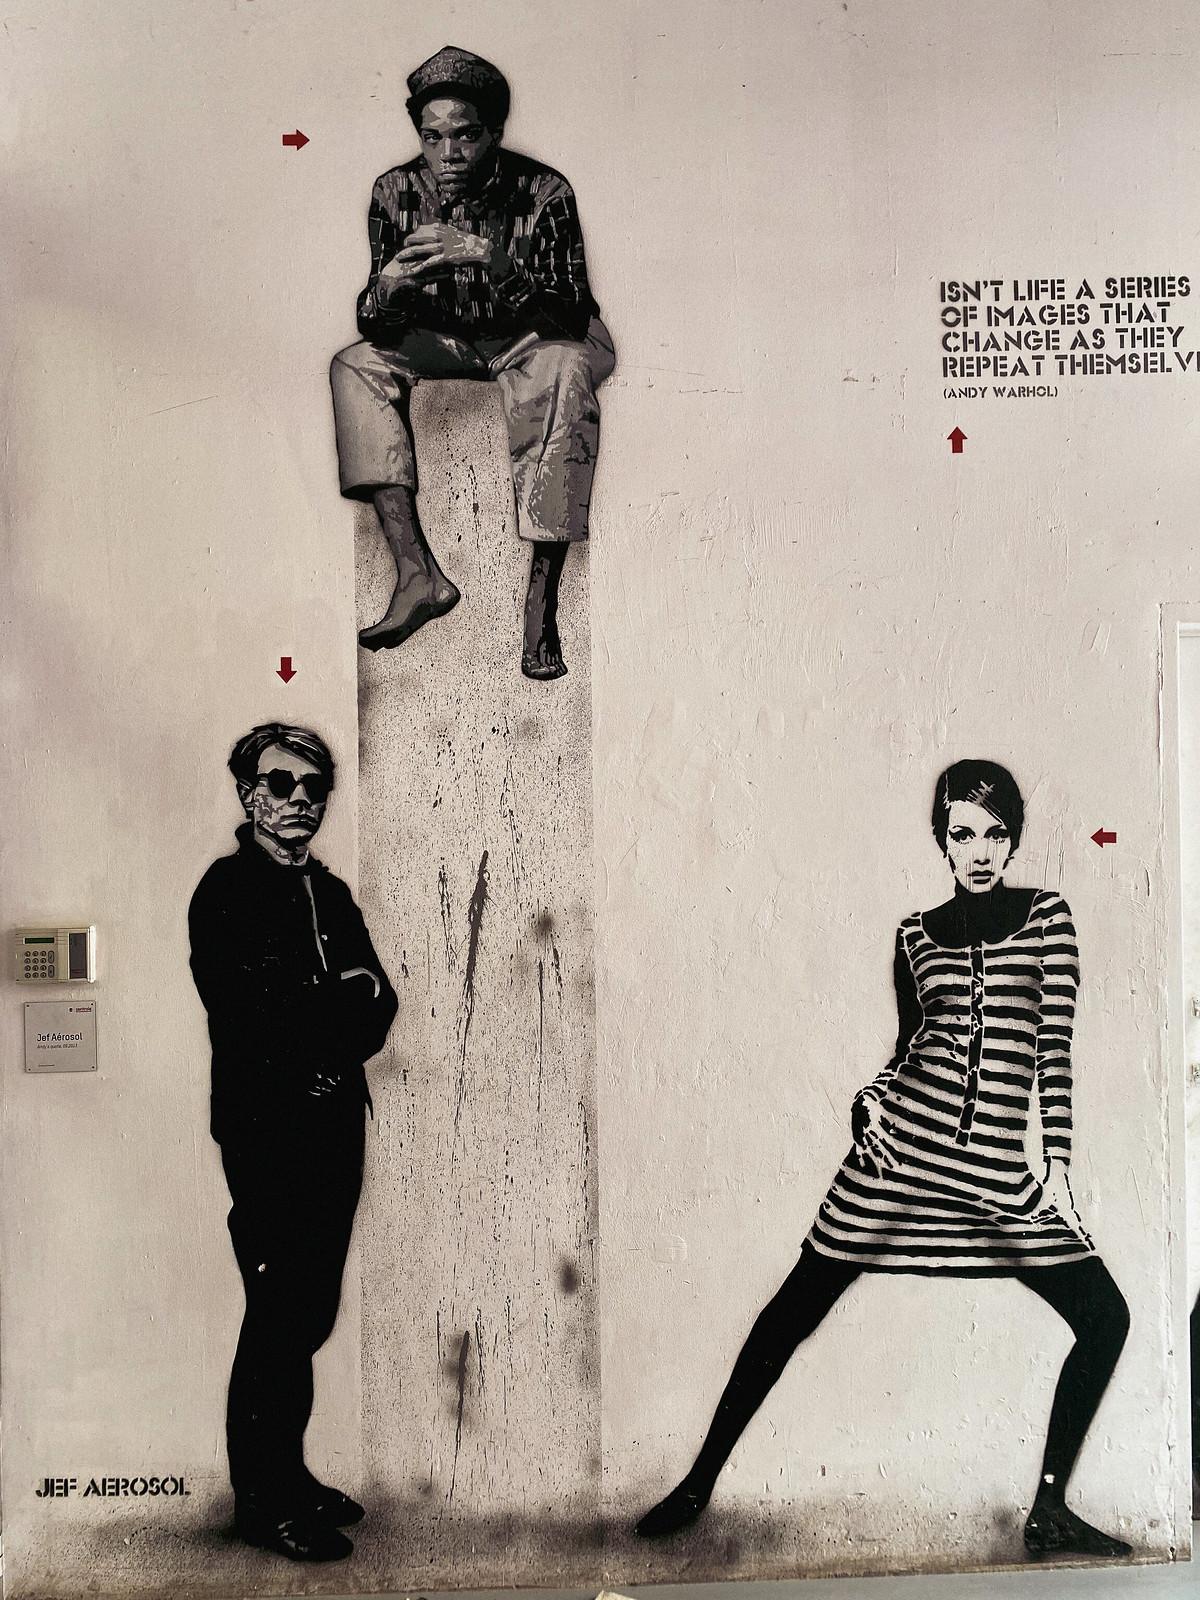 Warhol, Basquiat & Twiggy by Jef Aérosol